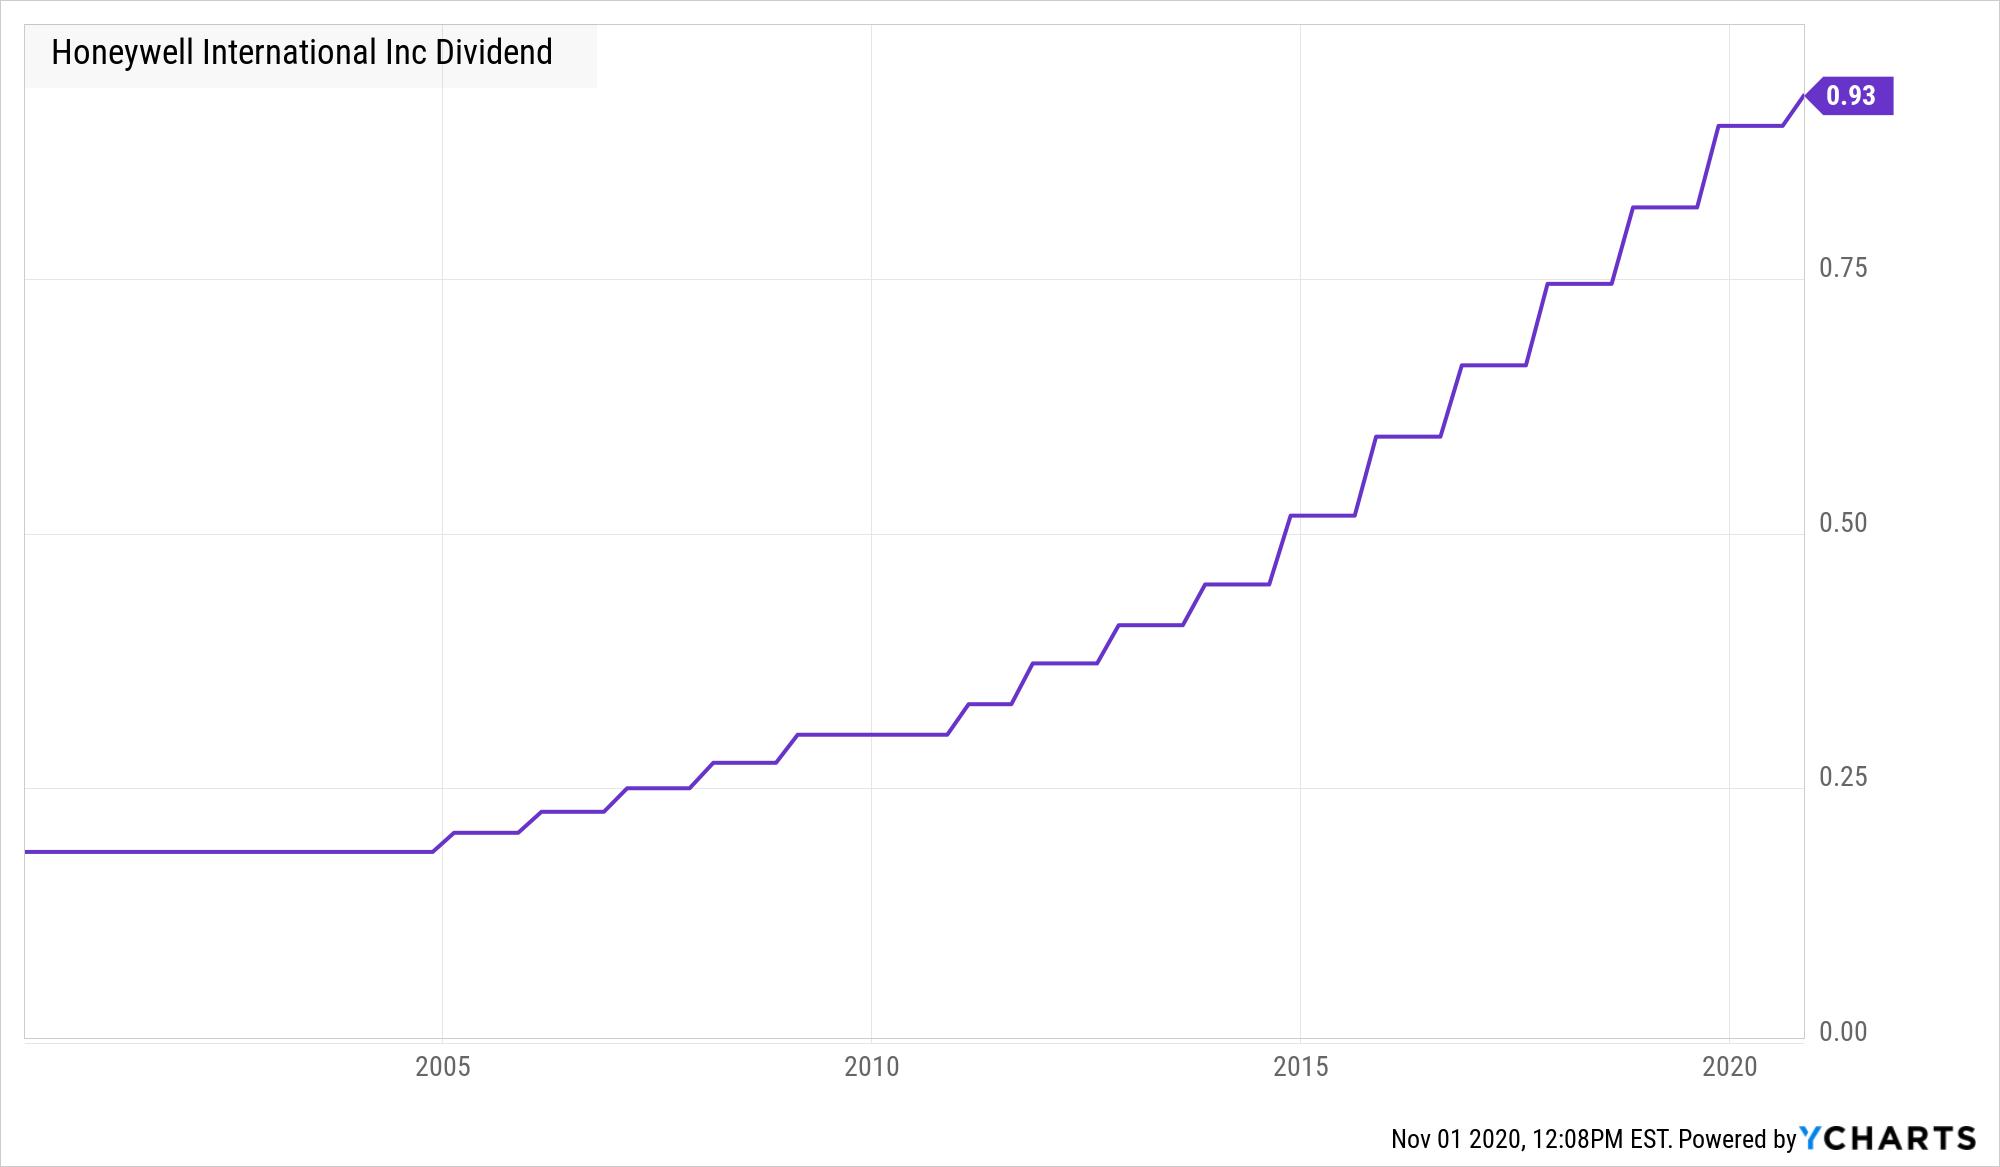 HON Dividend Chart